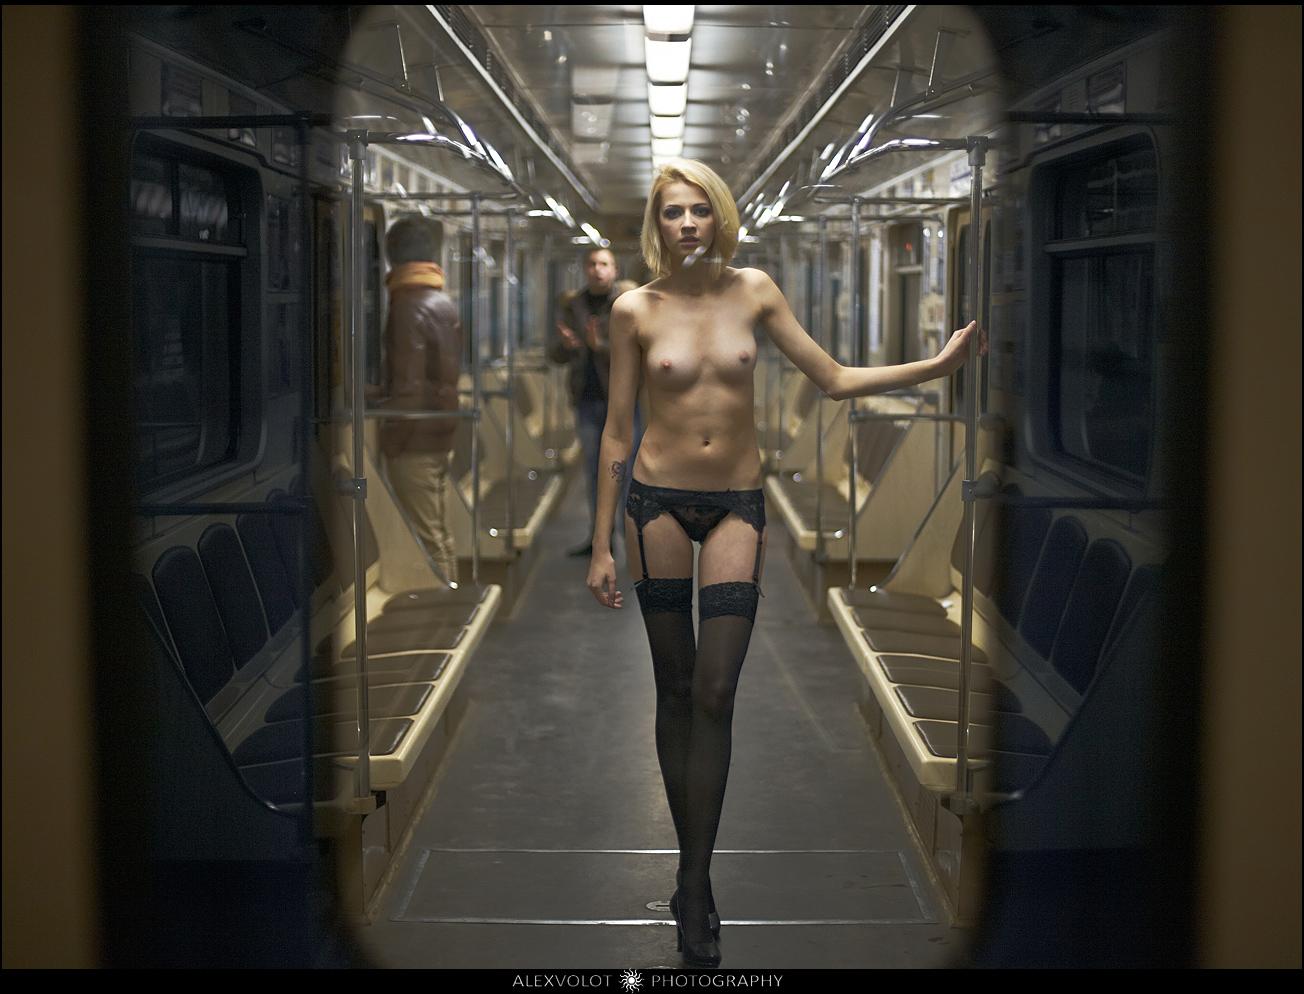 Русский порно в метро, Порно в поезде, секс в метро на 24 видео 22 фотография